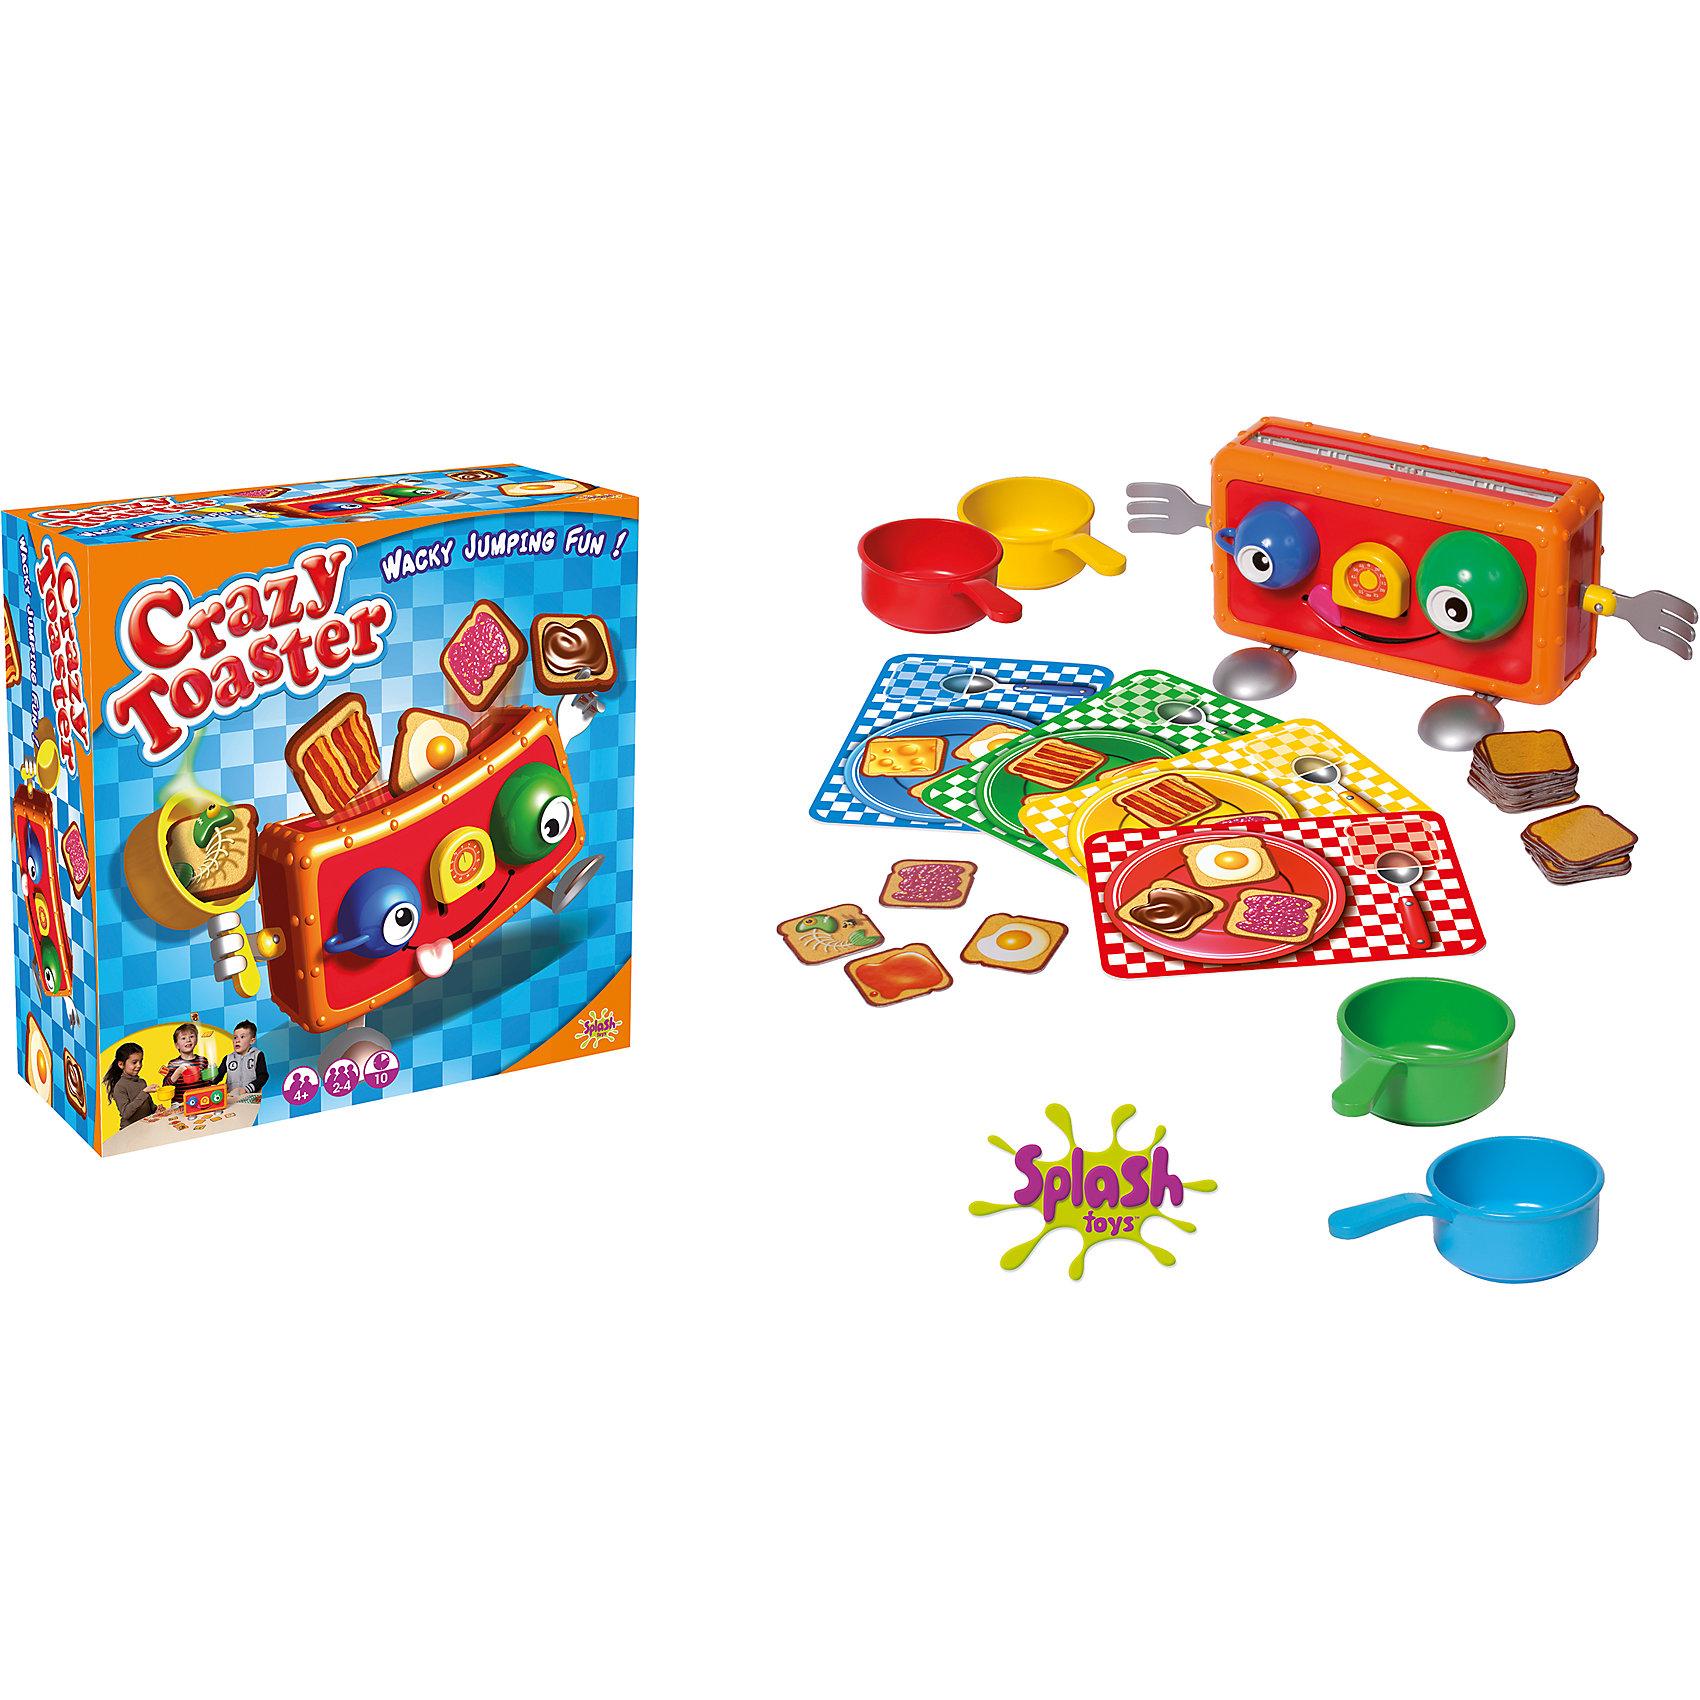 Игра Веселый тостер, Splash ToysИгры для развлечений<br>Хочешь полакомиться ароматными тостами?? Тогда попробуй поймать их! Суть игры состоит в том, чтобы ловить пластиковые тосты с помощью кастрюльки. Хитрые тосты выскакивают, когда им вздумается, не зевай и будь начеку. Все детали набора выполнены из высококачественных материалов, безопасны для детей. Веселая игра надолго увлечет ребенка и поможет развить ему внимание и скорость реакции.<br><br>Дополнительная информация:<br><br>- Материал: пластик.<br>- Размер: 27х12х27 см.<br>- Комплектация: - 1 тостер, состоит из: 1 корпус, 2 ложки-ножки, 2 вилки-ручки, 2 чашки-глазка, 1 лист со стикерами, 40 ломтиков хлеба: 6 с шоколадом, 6 с мёдом, 6 с сыром, 6 с вареньем, 6 с яйцом, 6 с беконом, 4 с испорченной рыбой, 4 столовых комплекта 4-х цветов, 4 кастрюльки, чтобы ловить тосты.<br><br>Игру Веселый тостер, Splash Toys, можно купить в нашем магазине.<br><br>Ширина мм: 270<br>Глубина мм: 120<br>Высота мм: 265<br>Вес г: 950<br>Возраст от месяцев: 36<br>Возраст до месяцев: 168<br>Пол: Унисекс<br>Возраст: Детский<br>SKU: 4377571